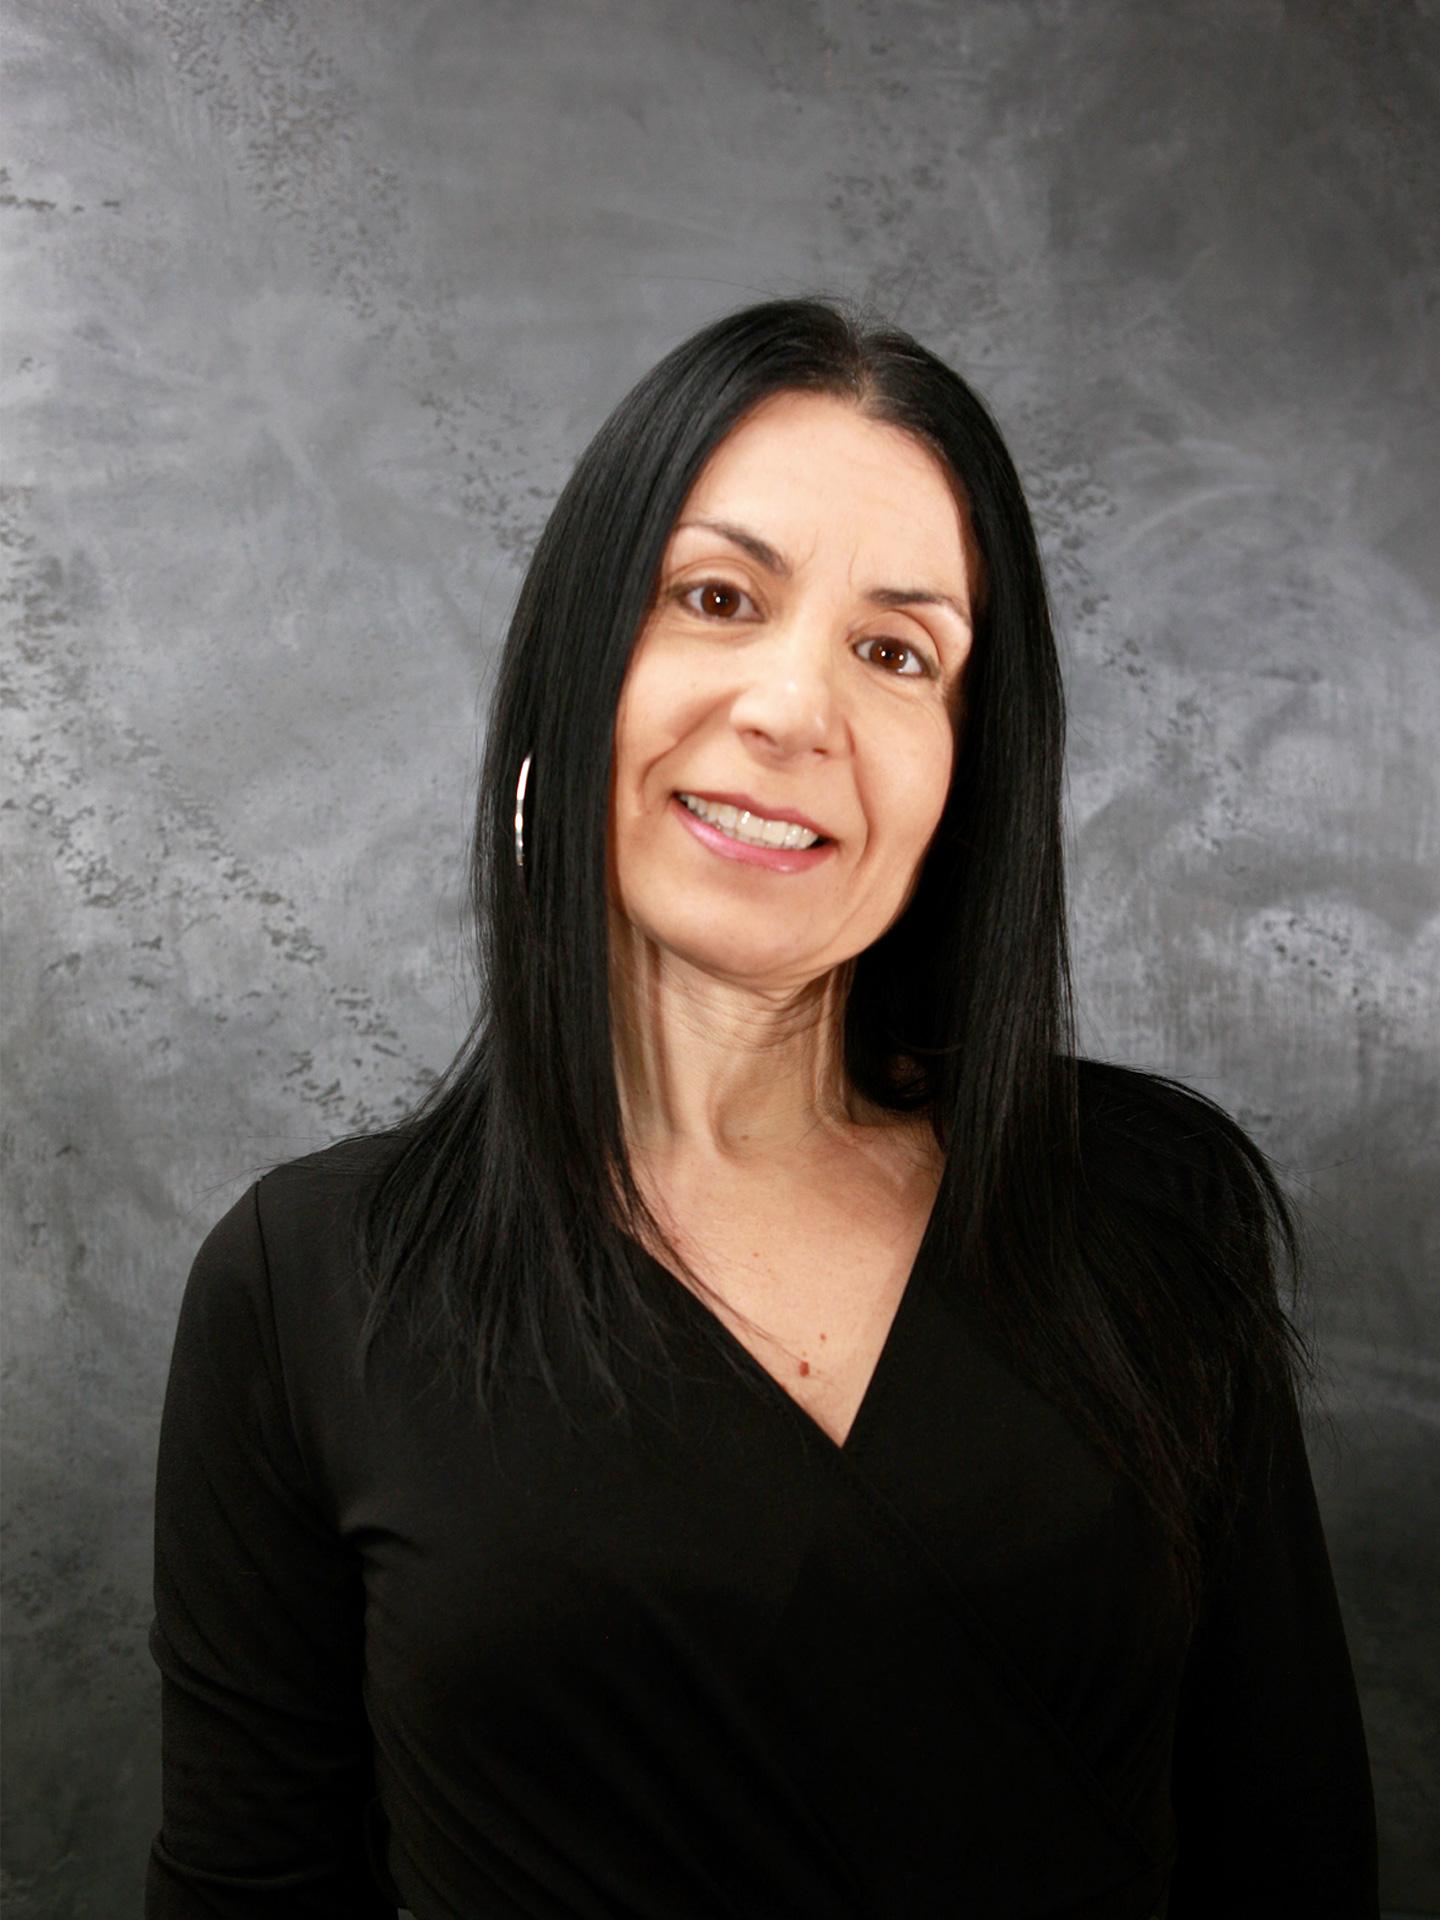 Alessandra Quatrana